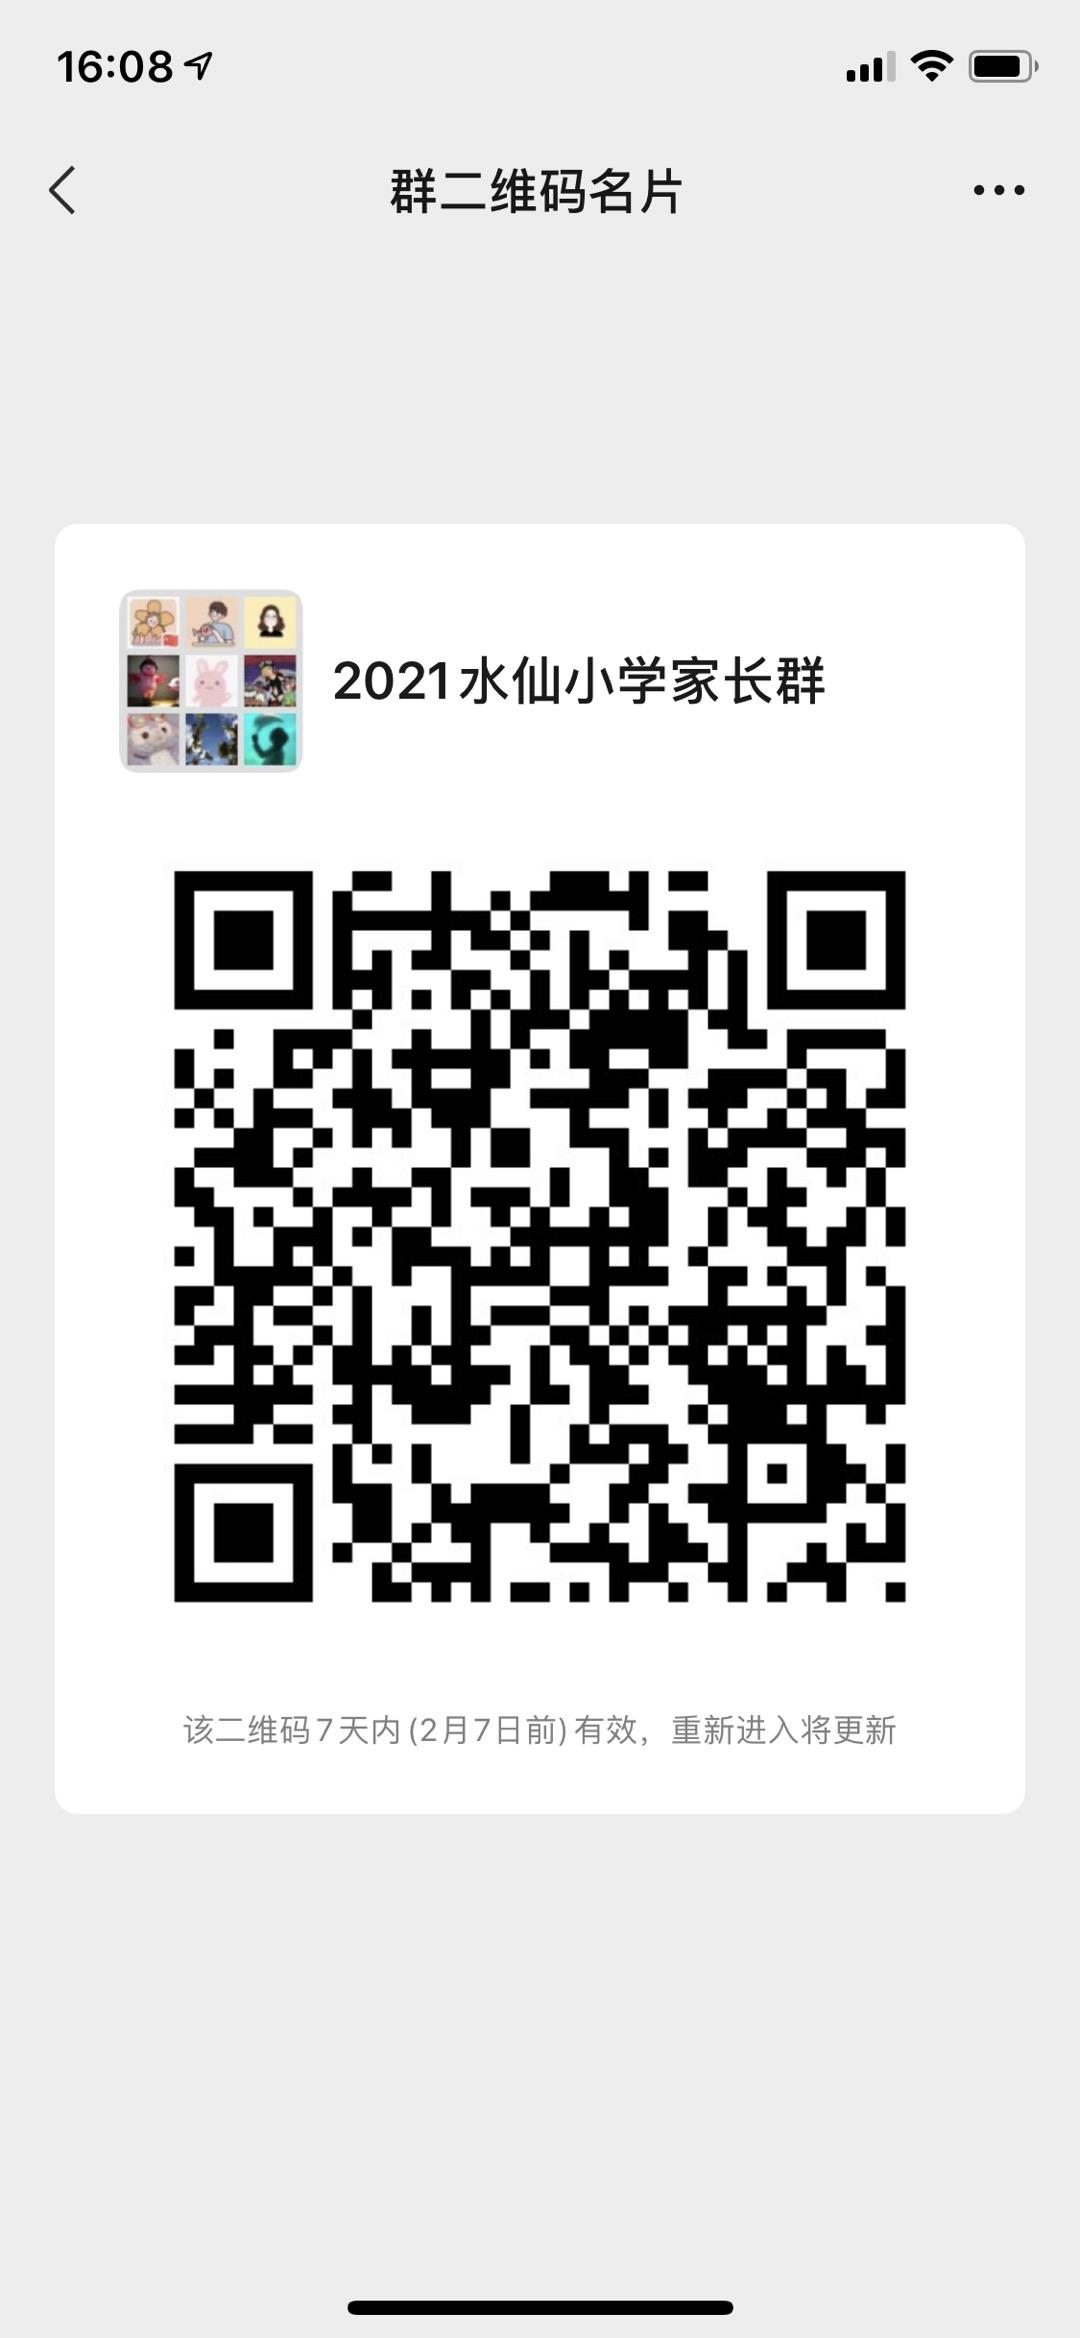 9BFC3D8E-5775-4345-84EB-9454BA139555.jpg